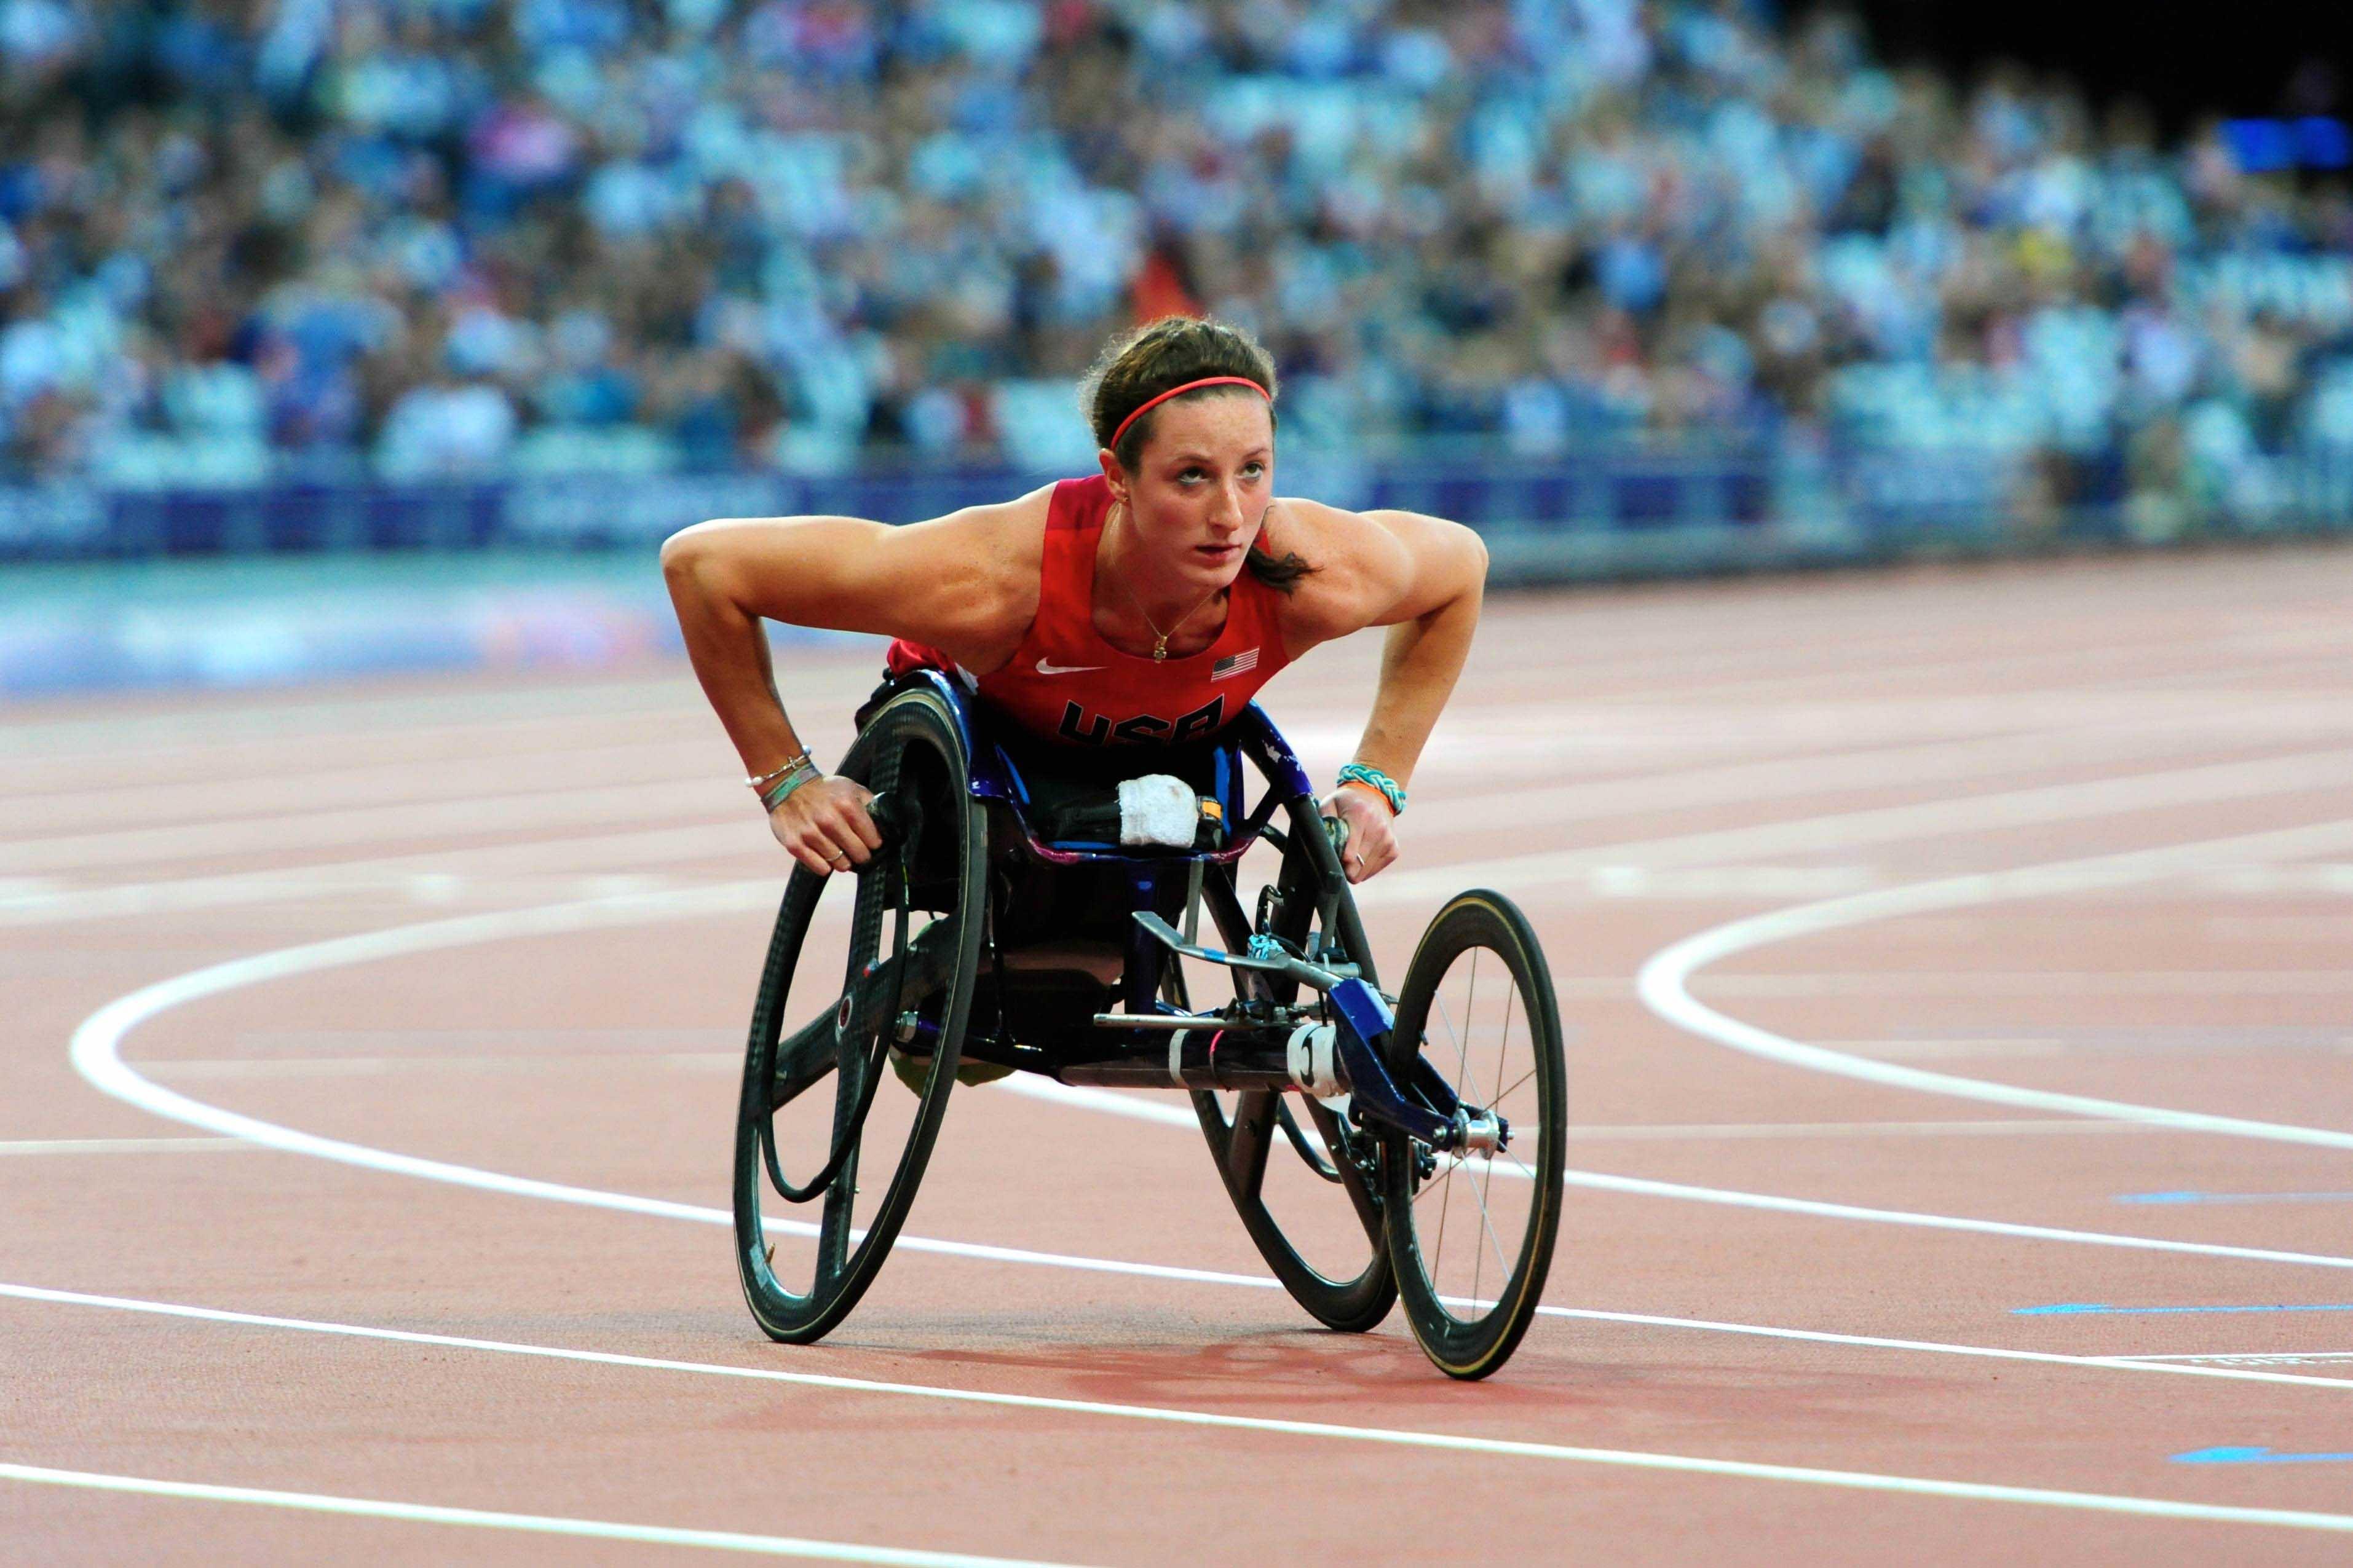 Tatyana McFadden at the London Paralympics